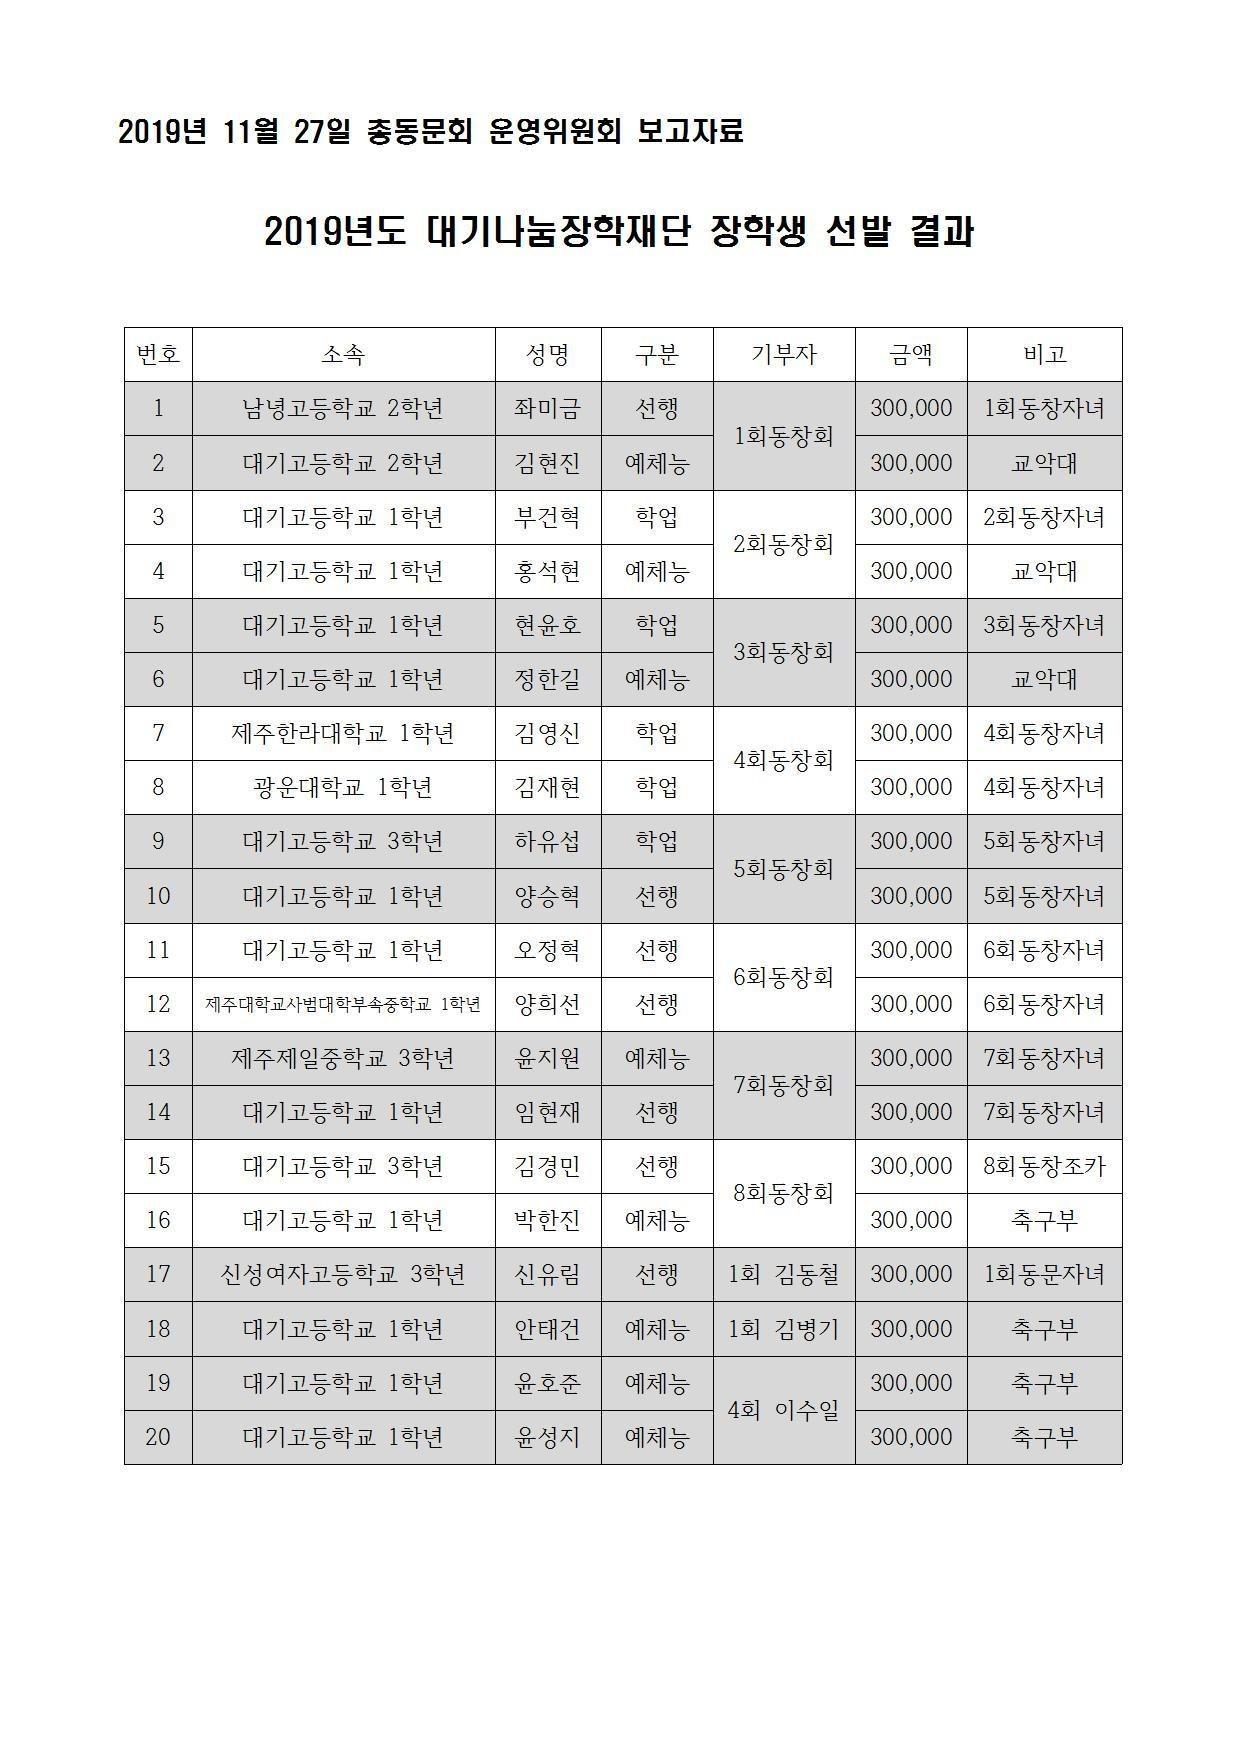 20191127_총동문회 운영위원회 보고내용(장학생 선발 결과)001.jpg